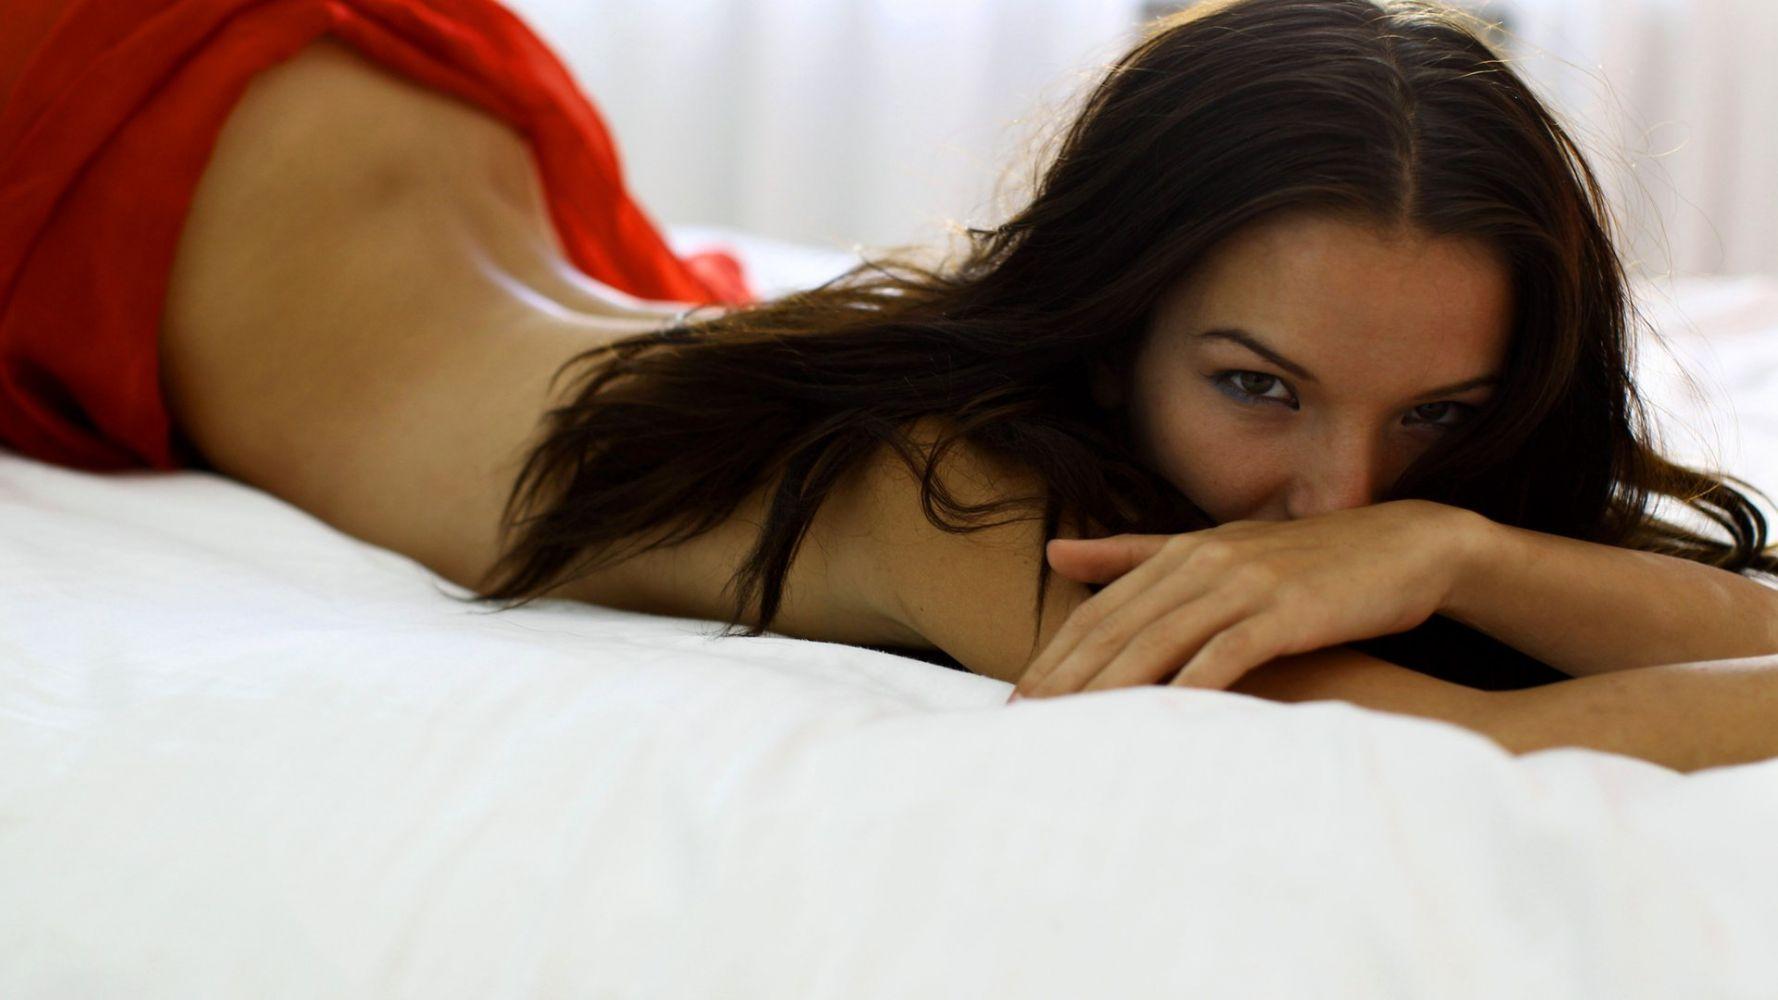 Фото украинская девушка в постели, порно фотографии трансвеститов и лесбиянок